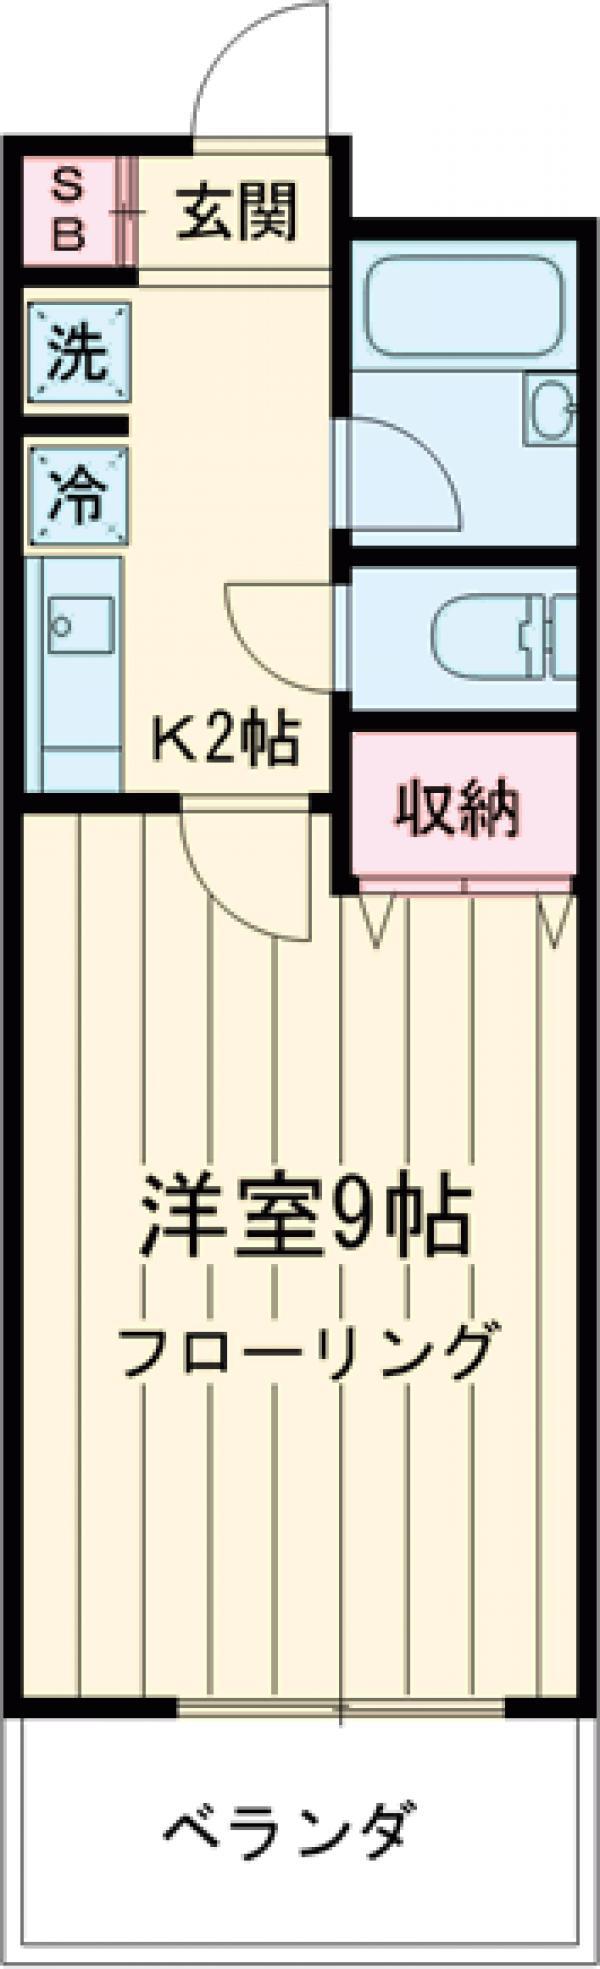 コンフォルト新江古田・102号室の間取り